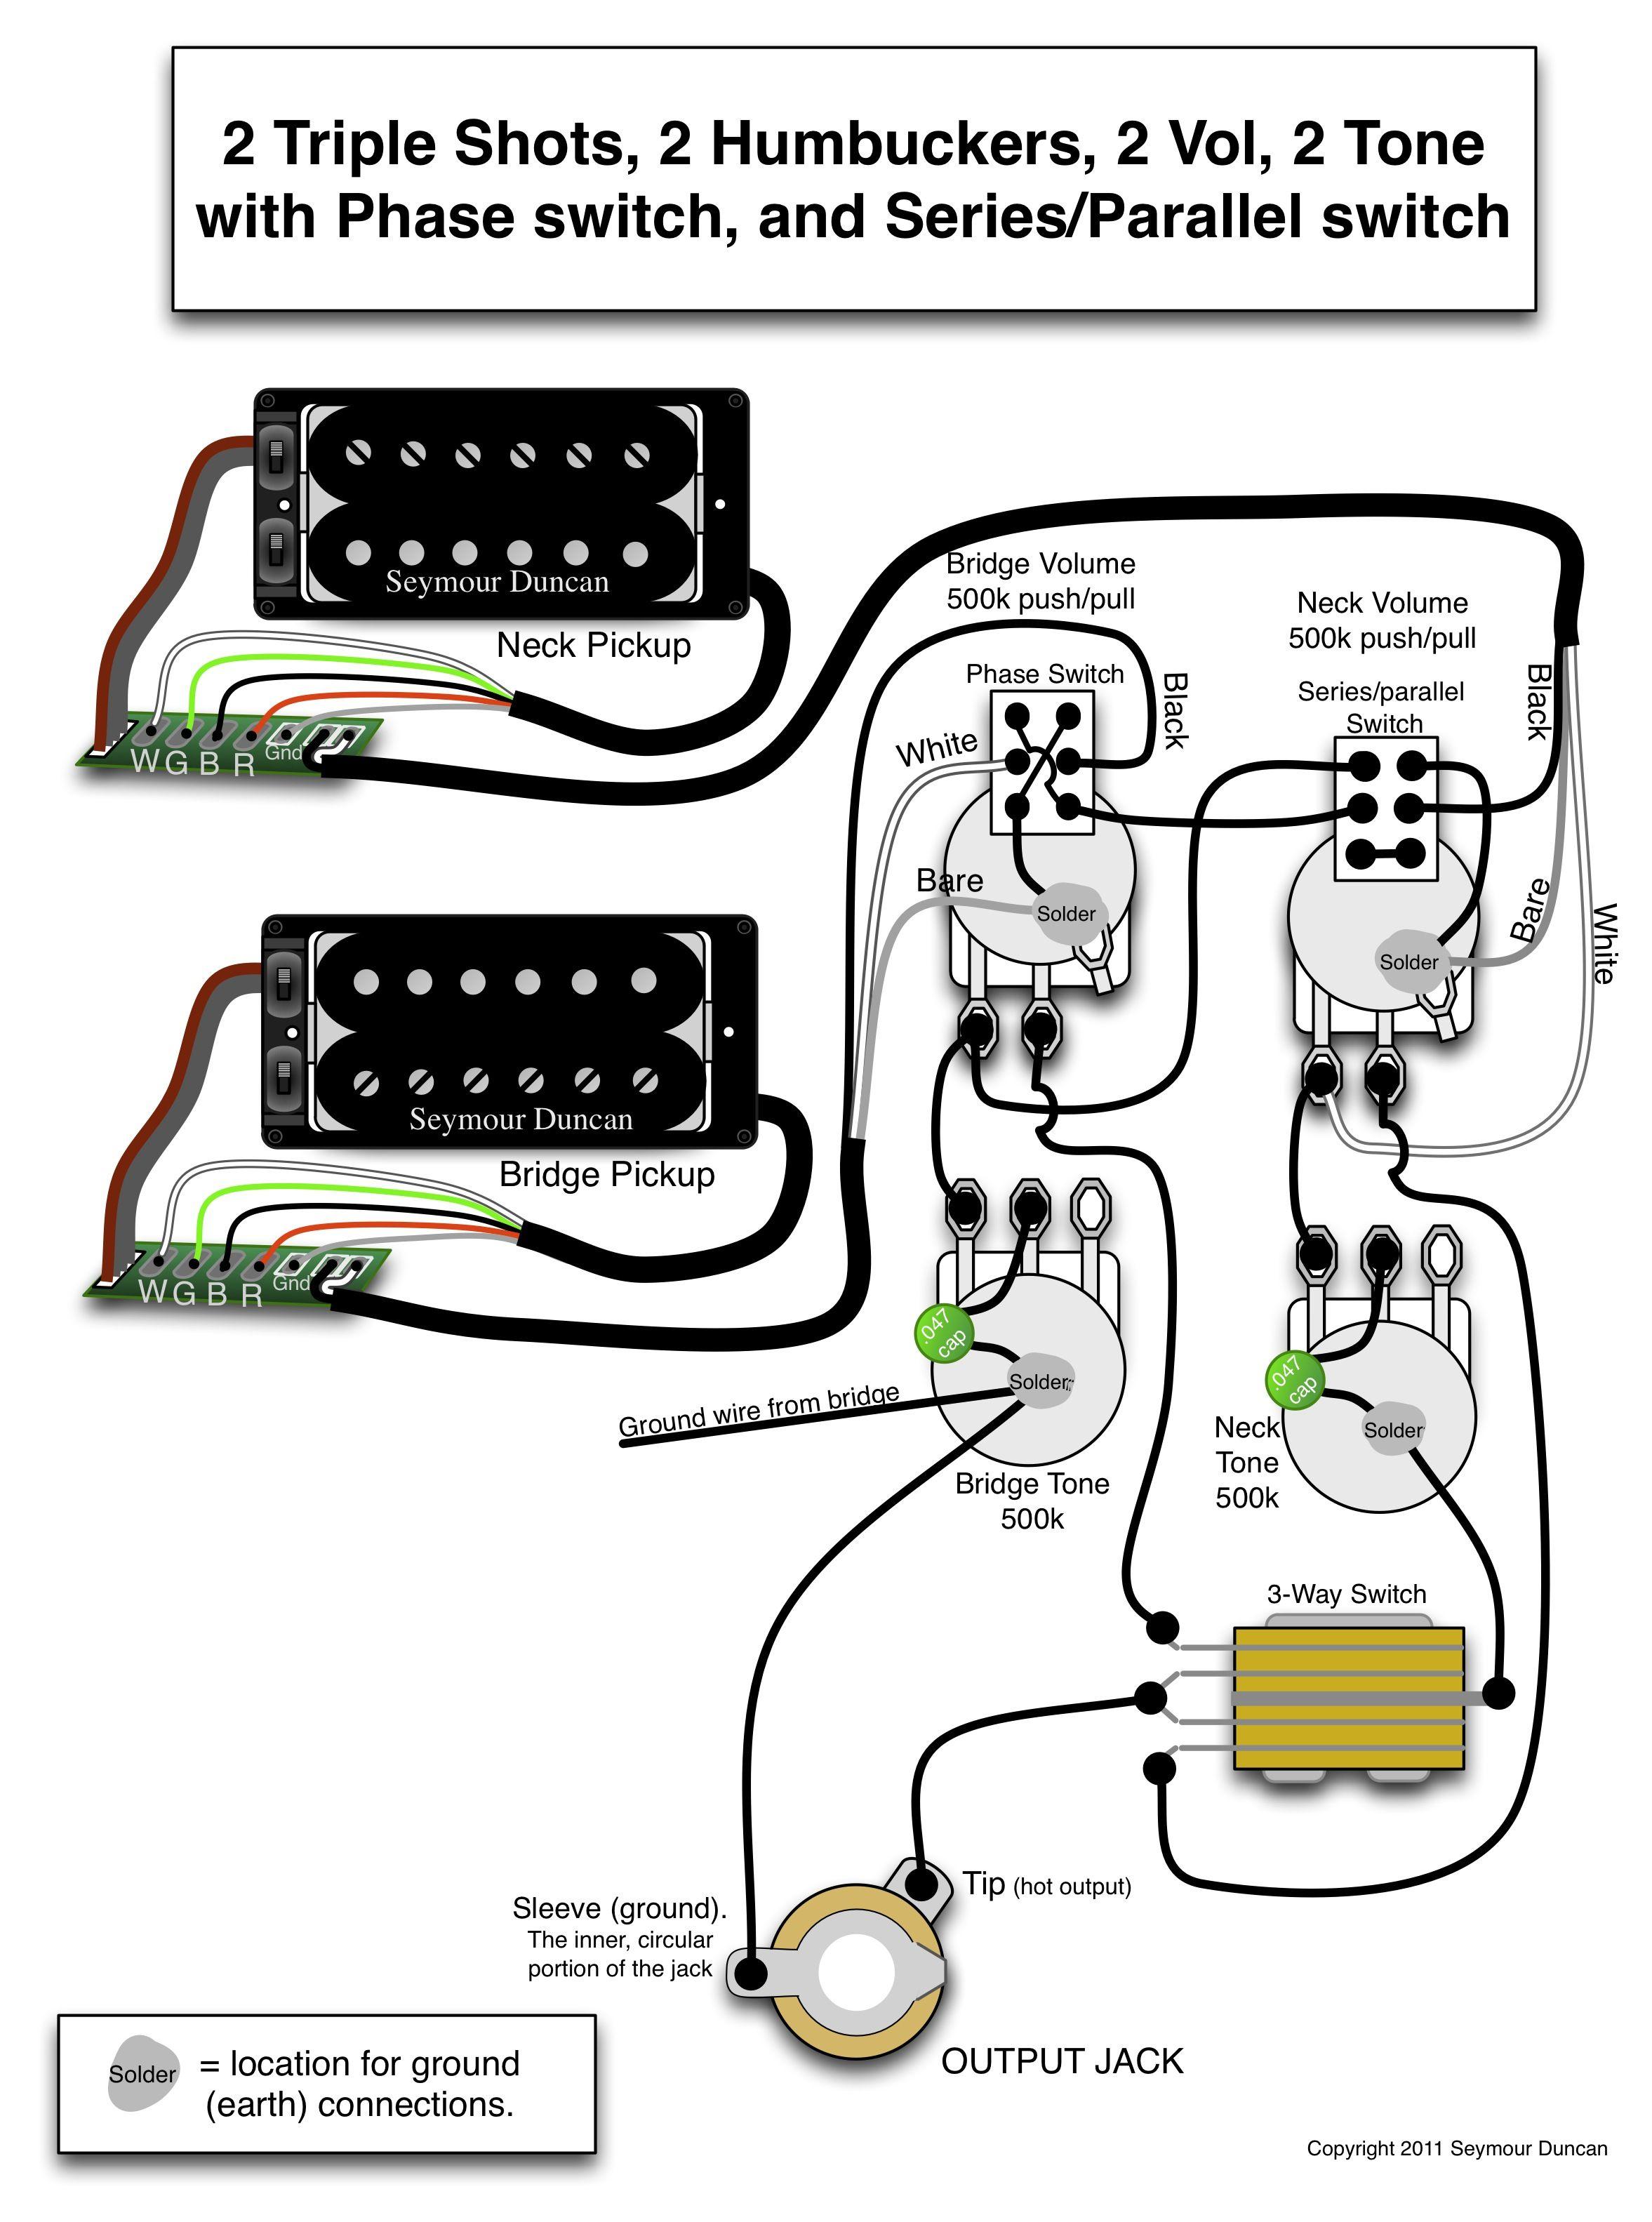 [DIAGRAM_1CA]  EK_9706] Seymour Duncan Humbucker Wiring Diagrams Car Tuning Wiring Diagram | Wiring Diagram Seymour Duncan Quarter Pounder |  | Sarc Akeb Rect Mohammedshrine Librar Wiring 101